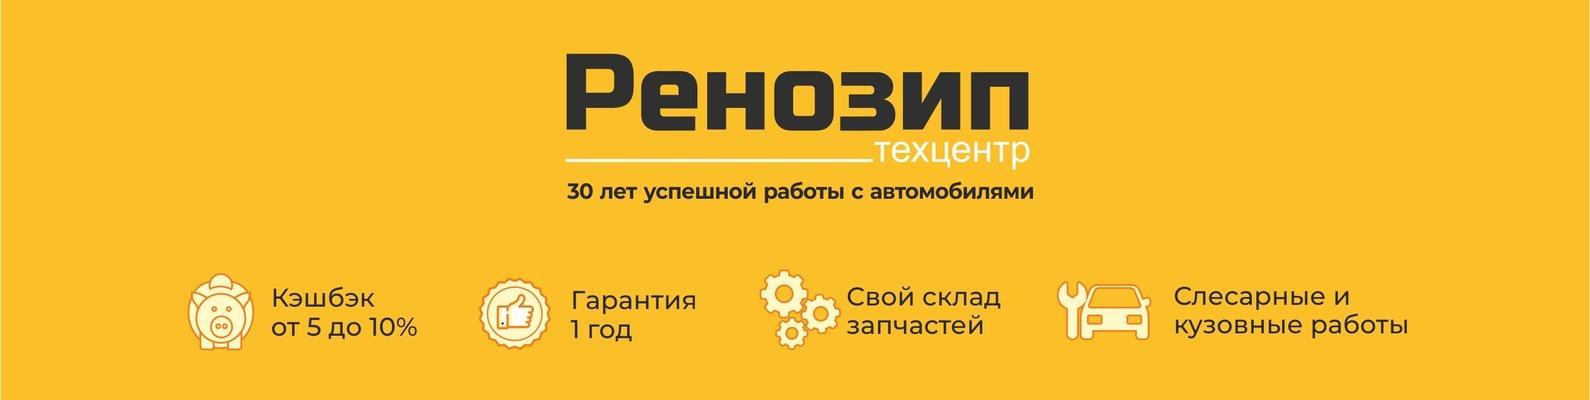 Ренозип сайт компании сайт компании узбекнефтегаз